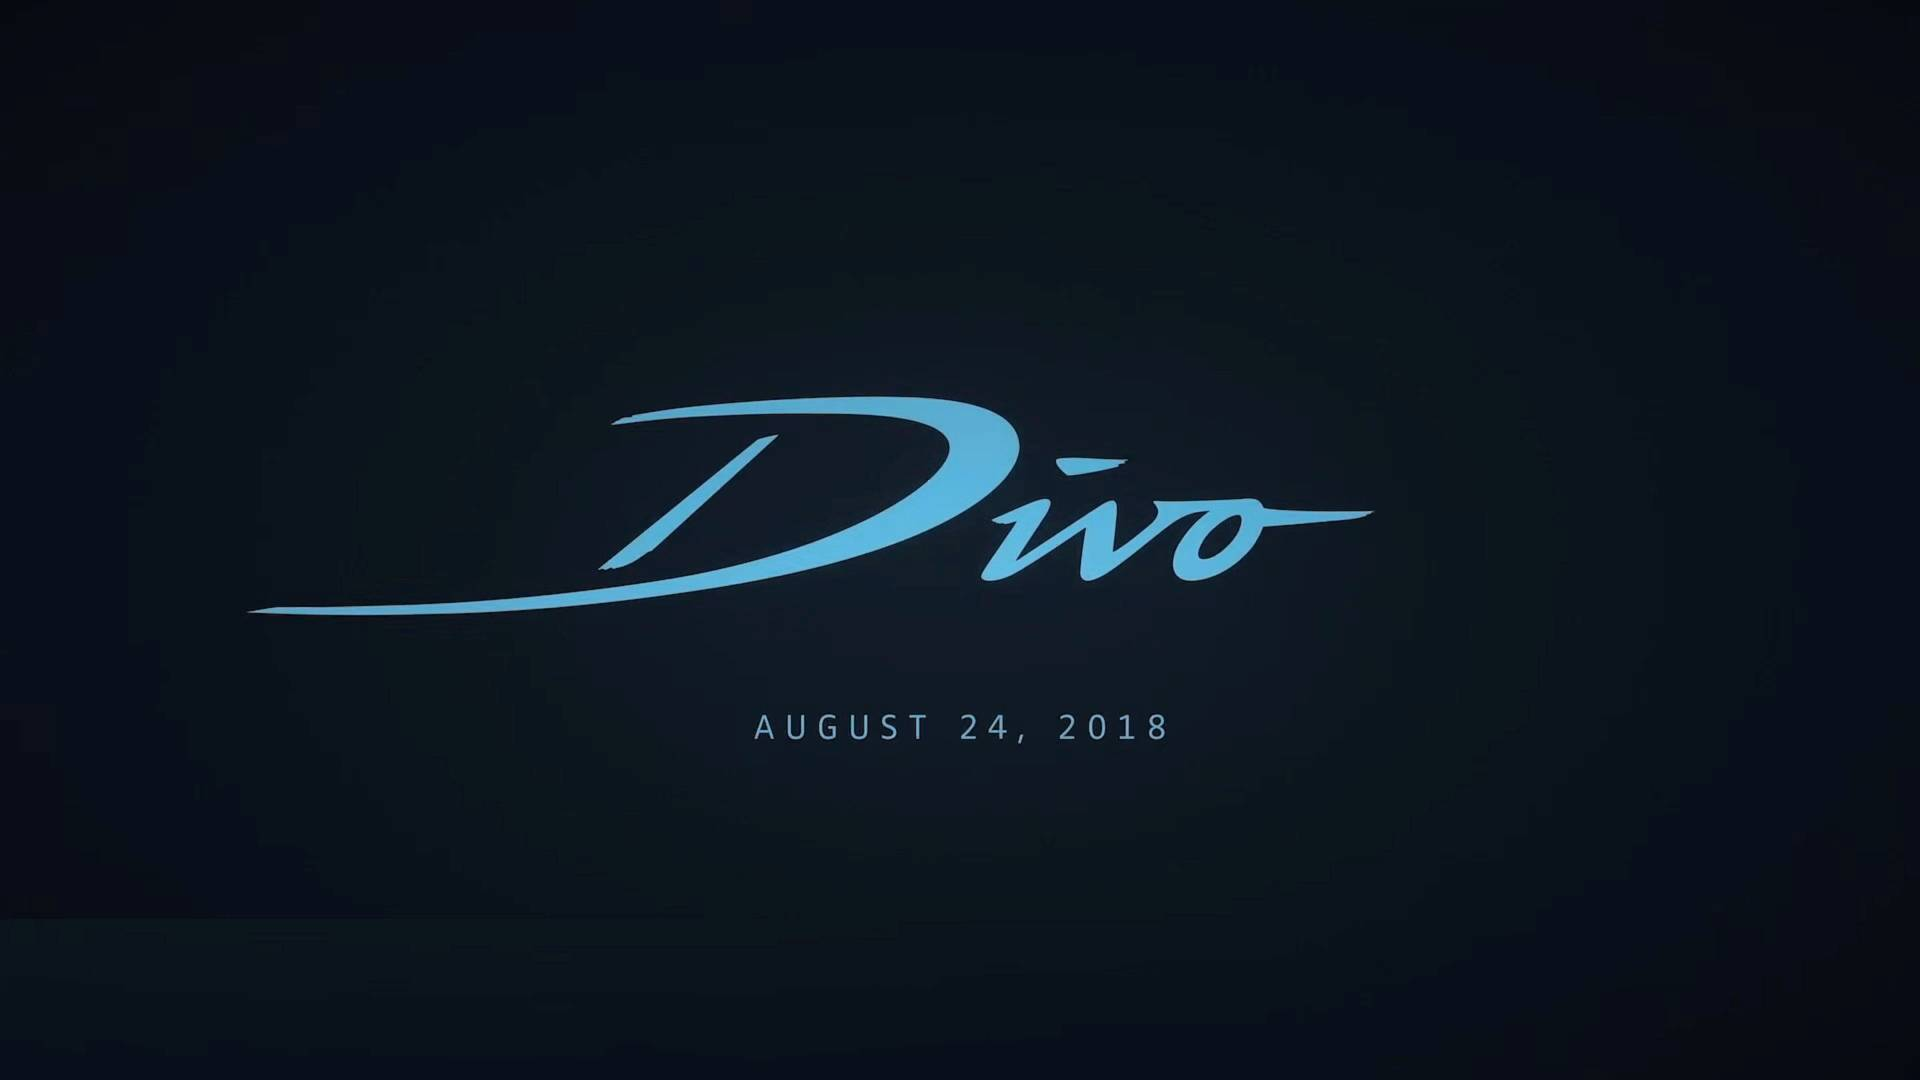 Bugatti Divo Wallpapers Wallpaper Cave